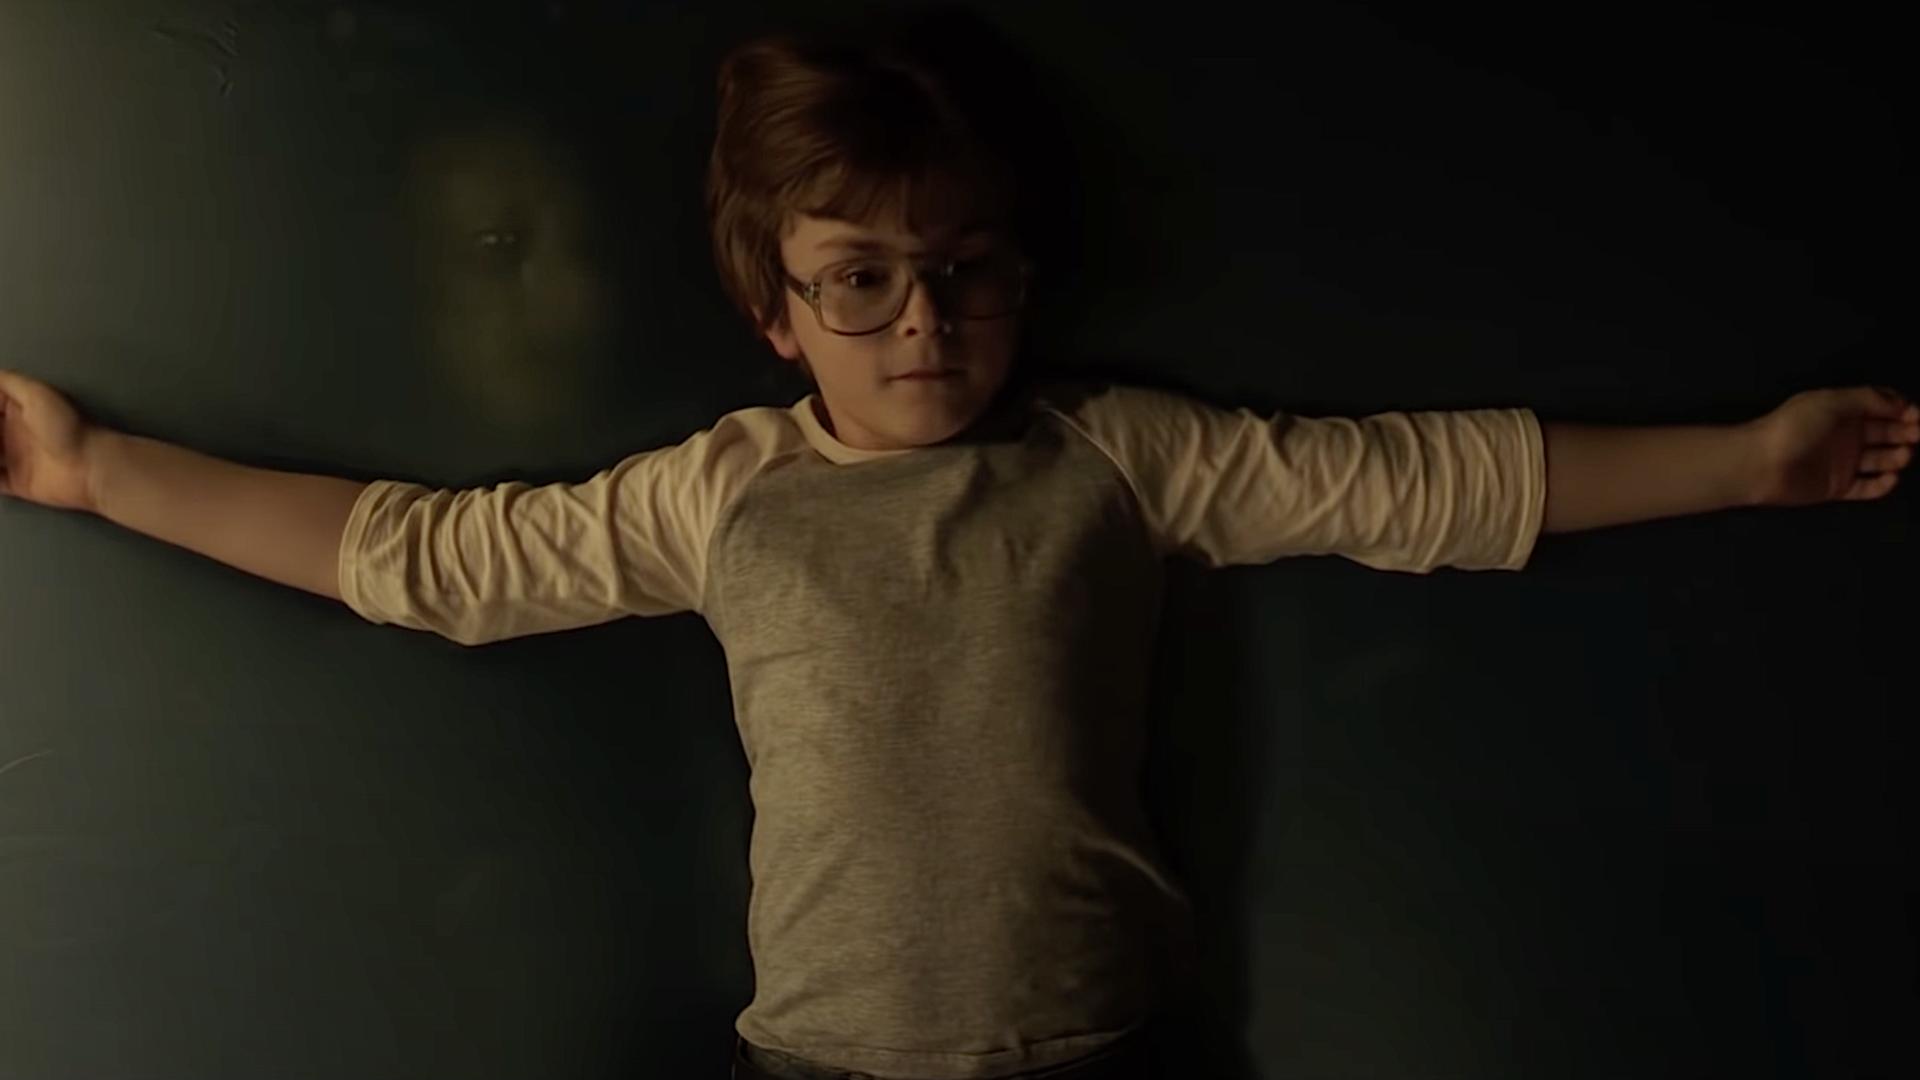 La película El Conjuro 3 estrena en HBO Max este viernes 9 de julio